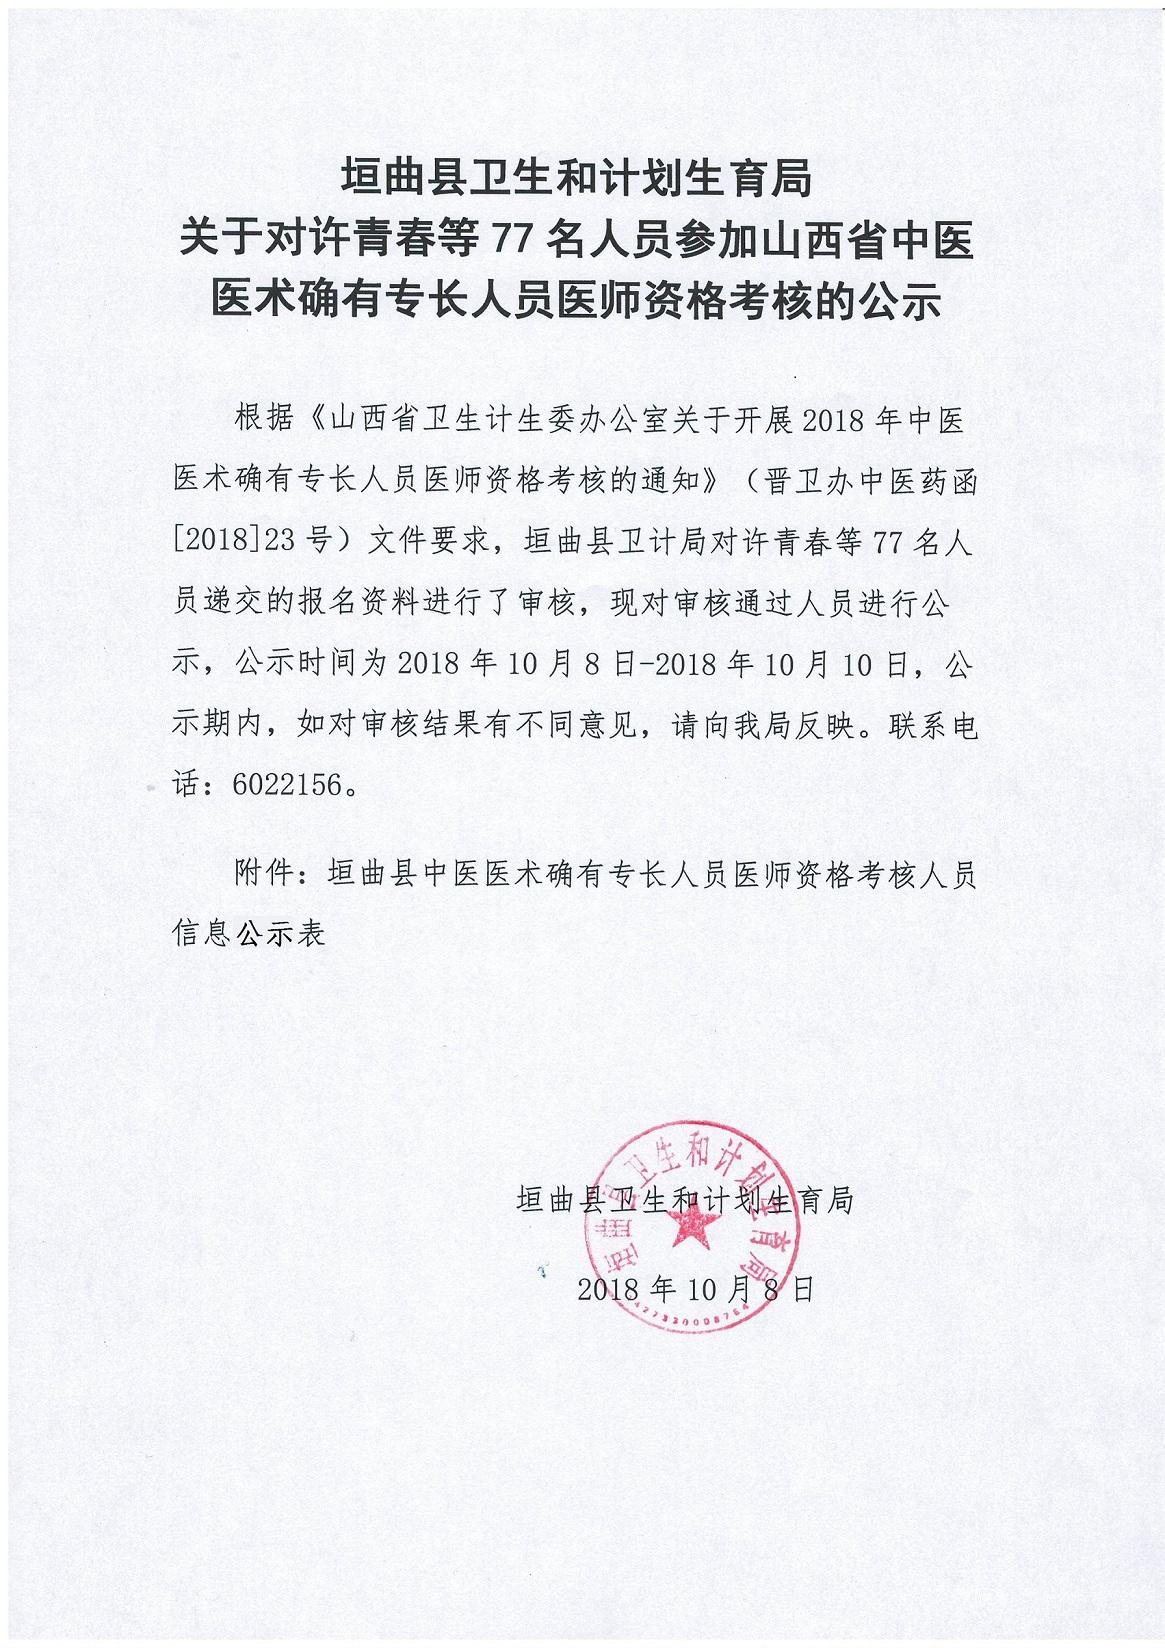 垣曲县中医医术确有专长人员医师资格考核报名人员的公示